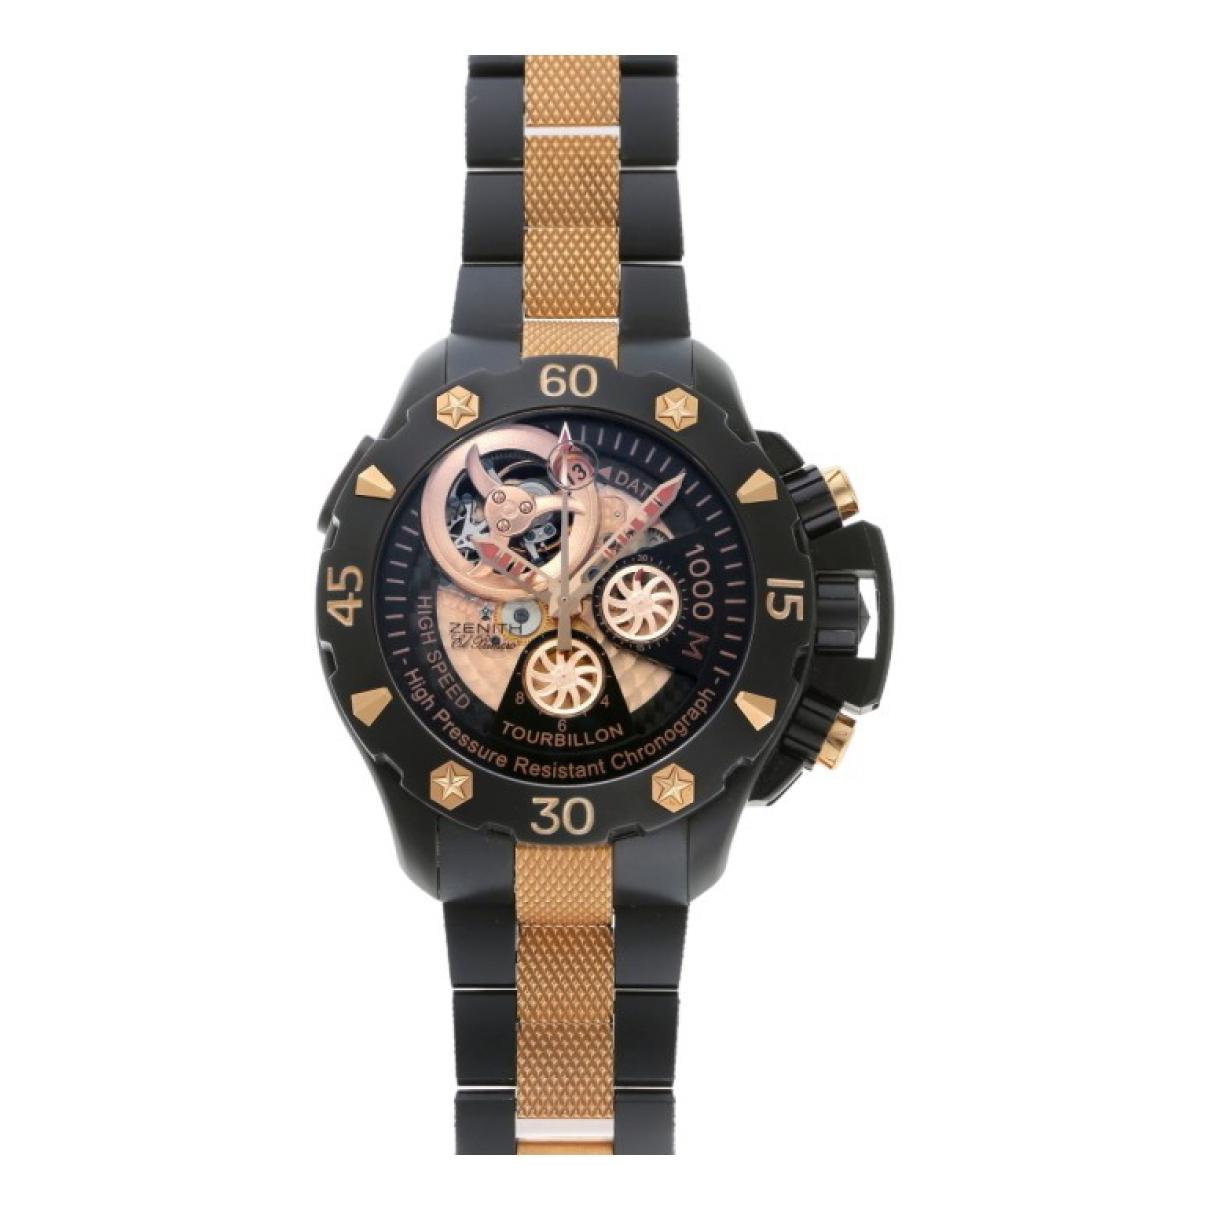 Zenith \N Uhr in  Schwarz Titan